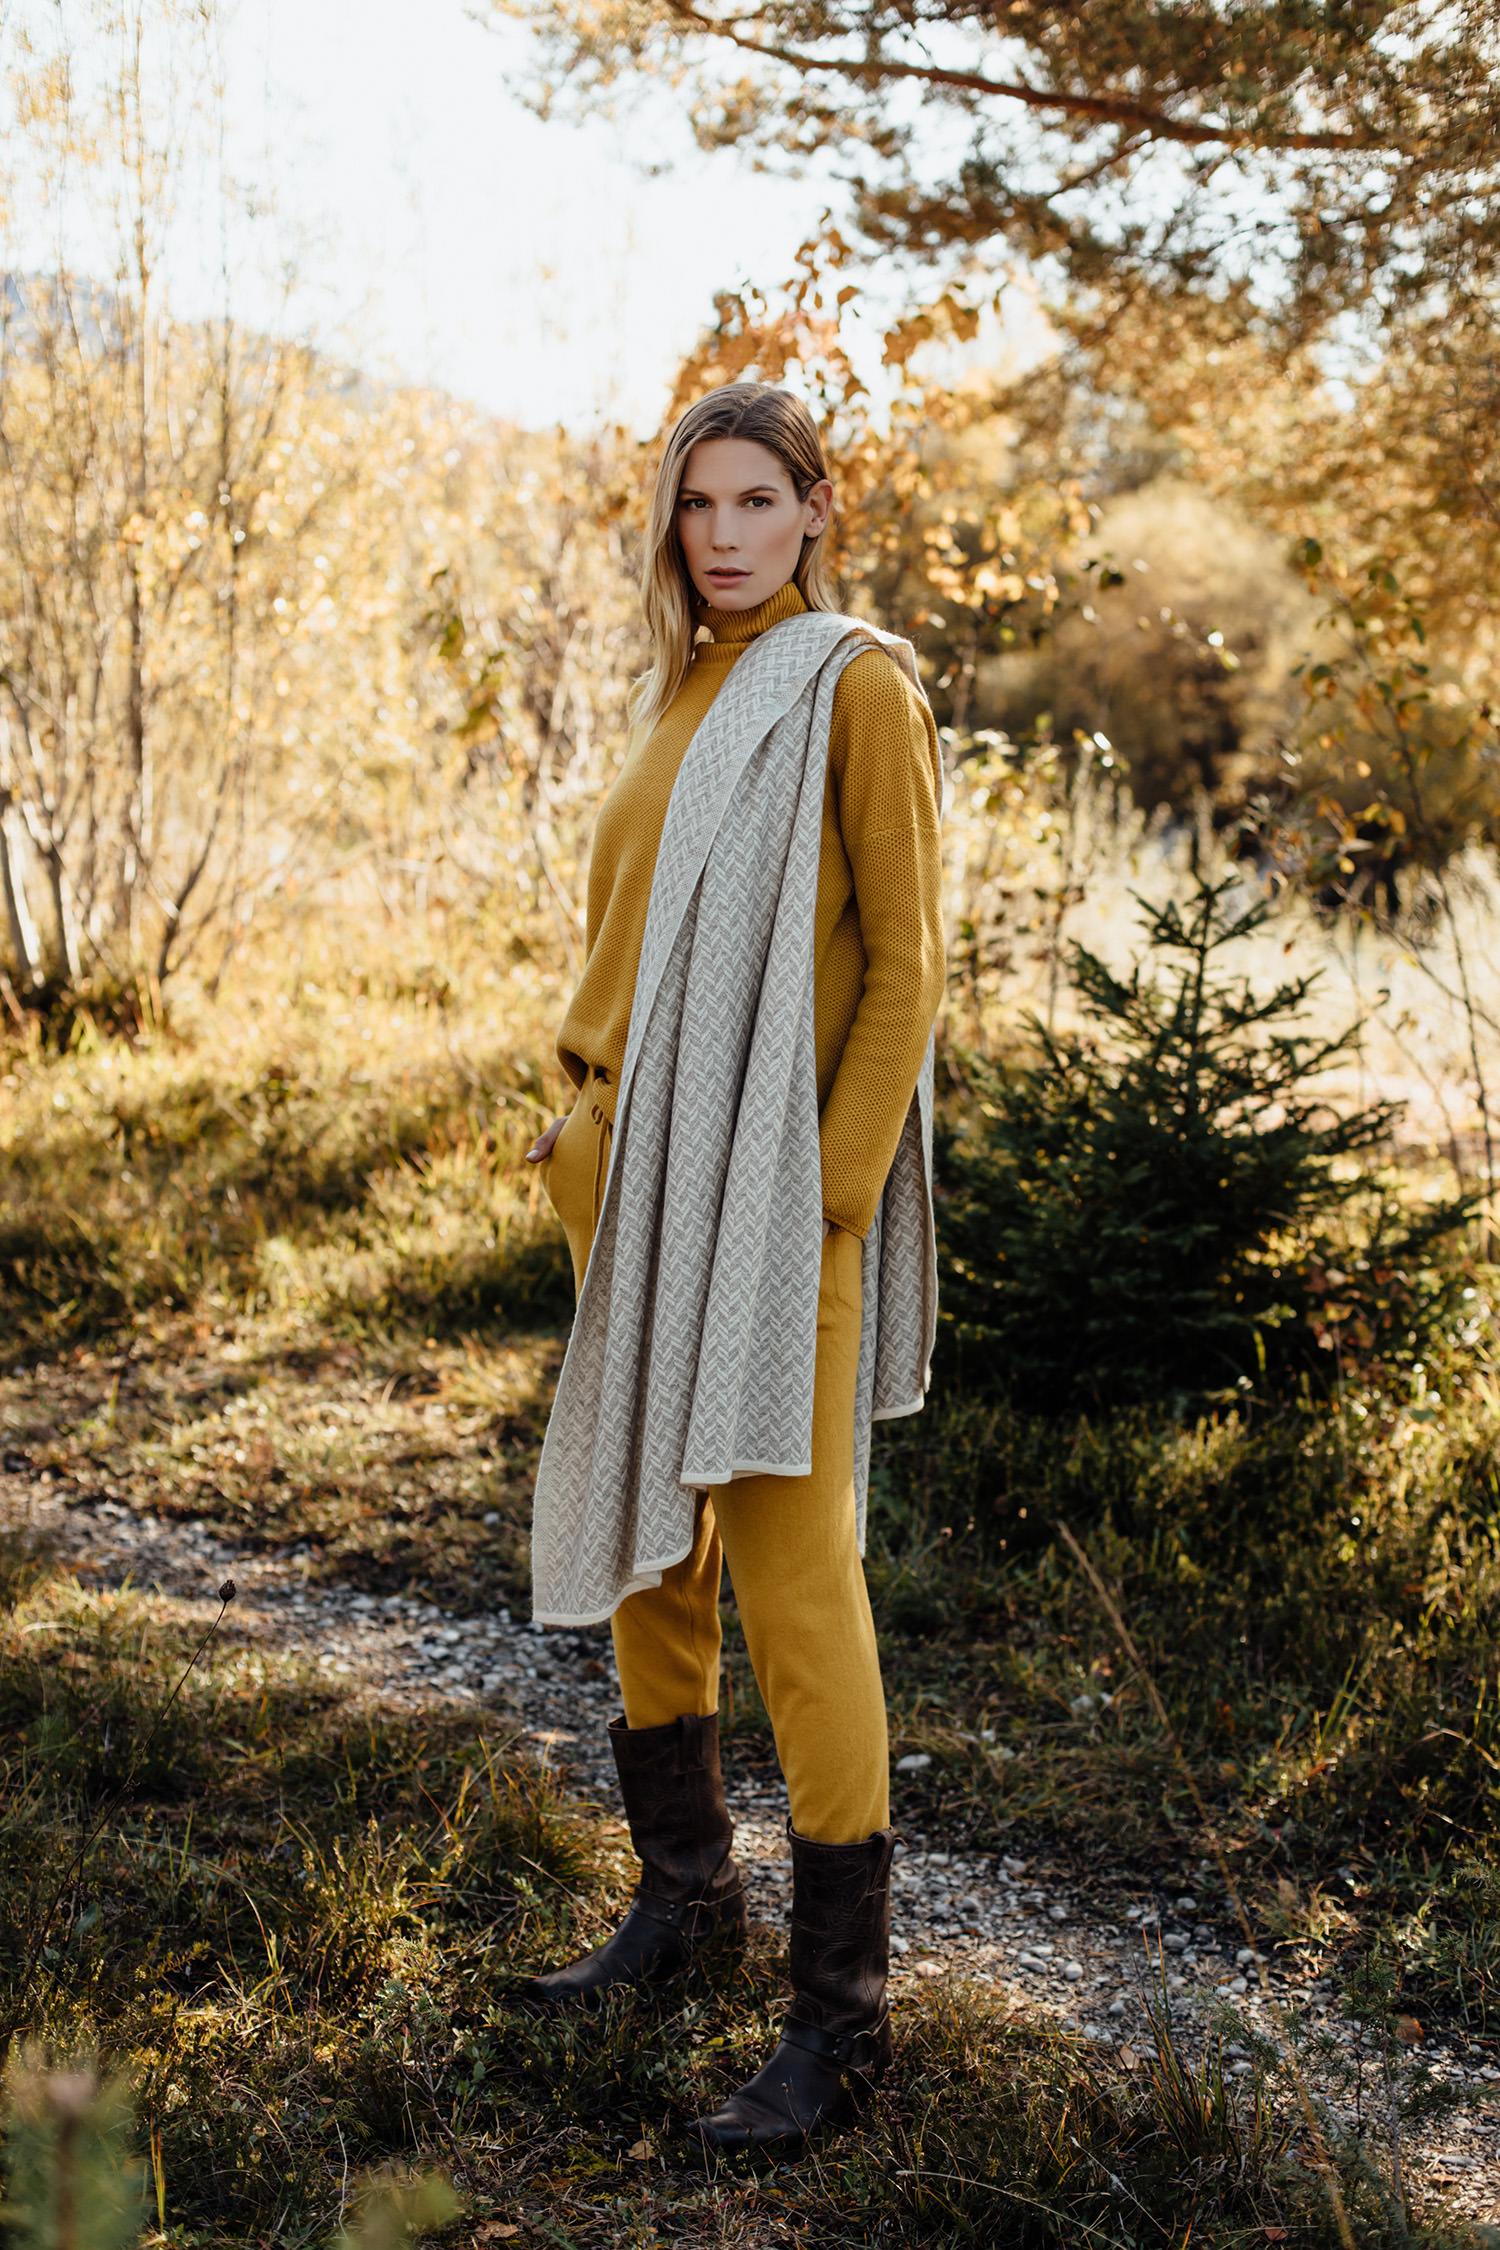 Modefotografie-Mode-Fotograf-Katalog-Fotoproduktion-R10